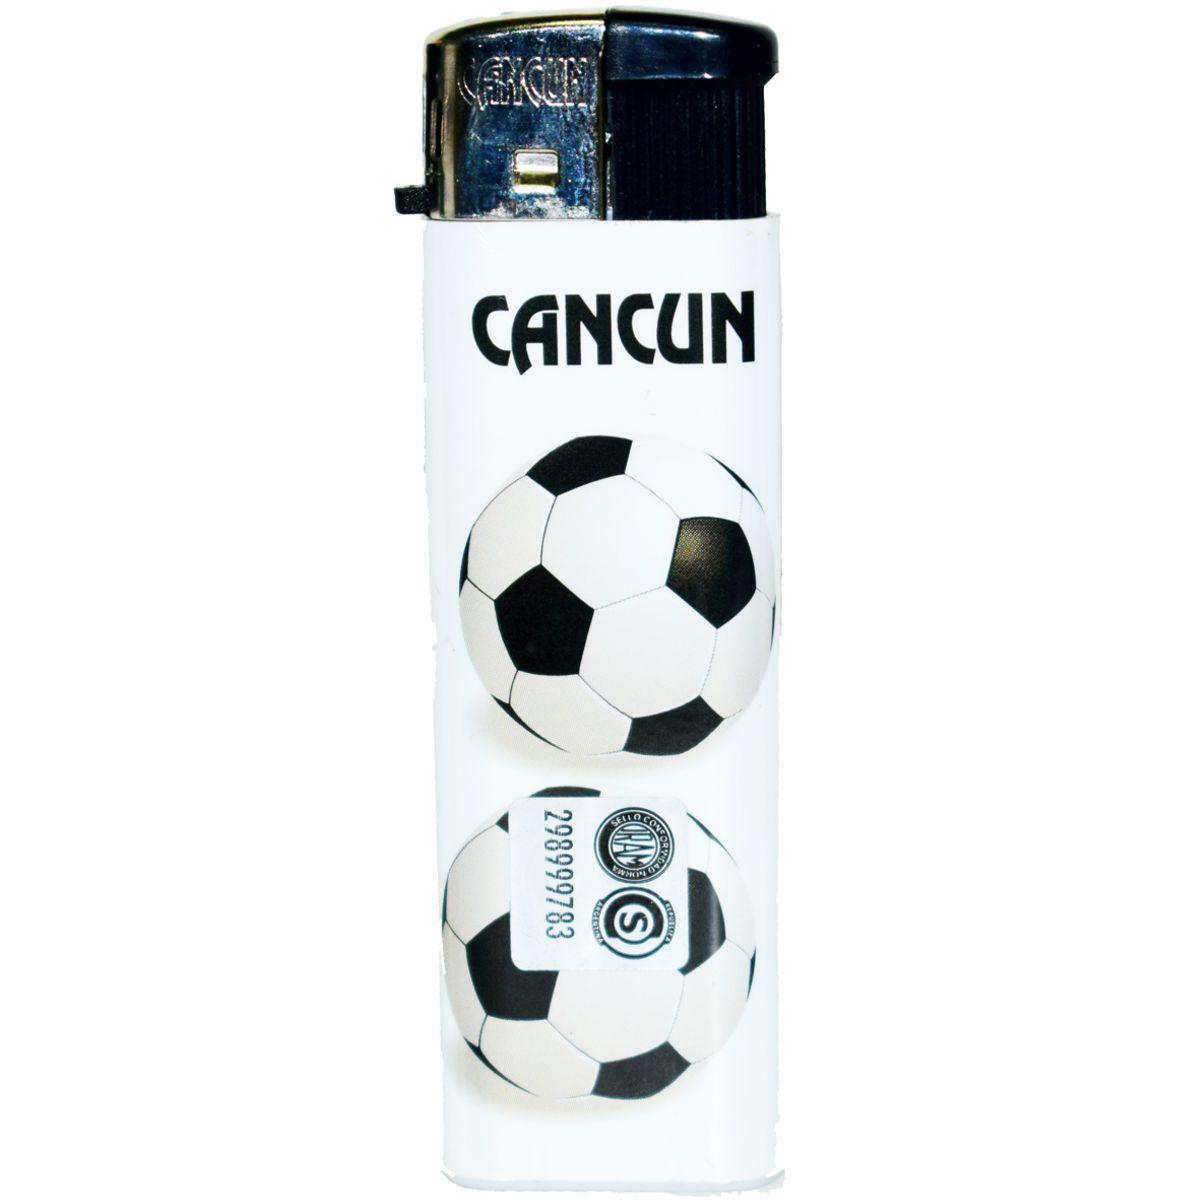 encendedor cancun sports precios mayoristas